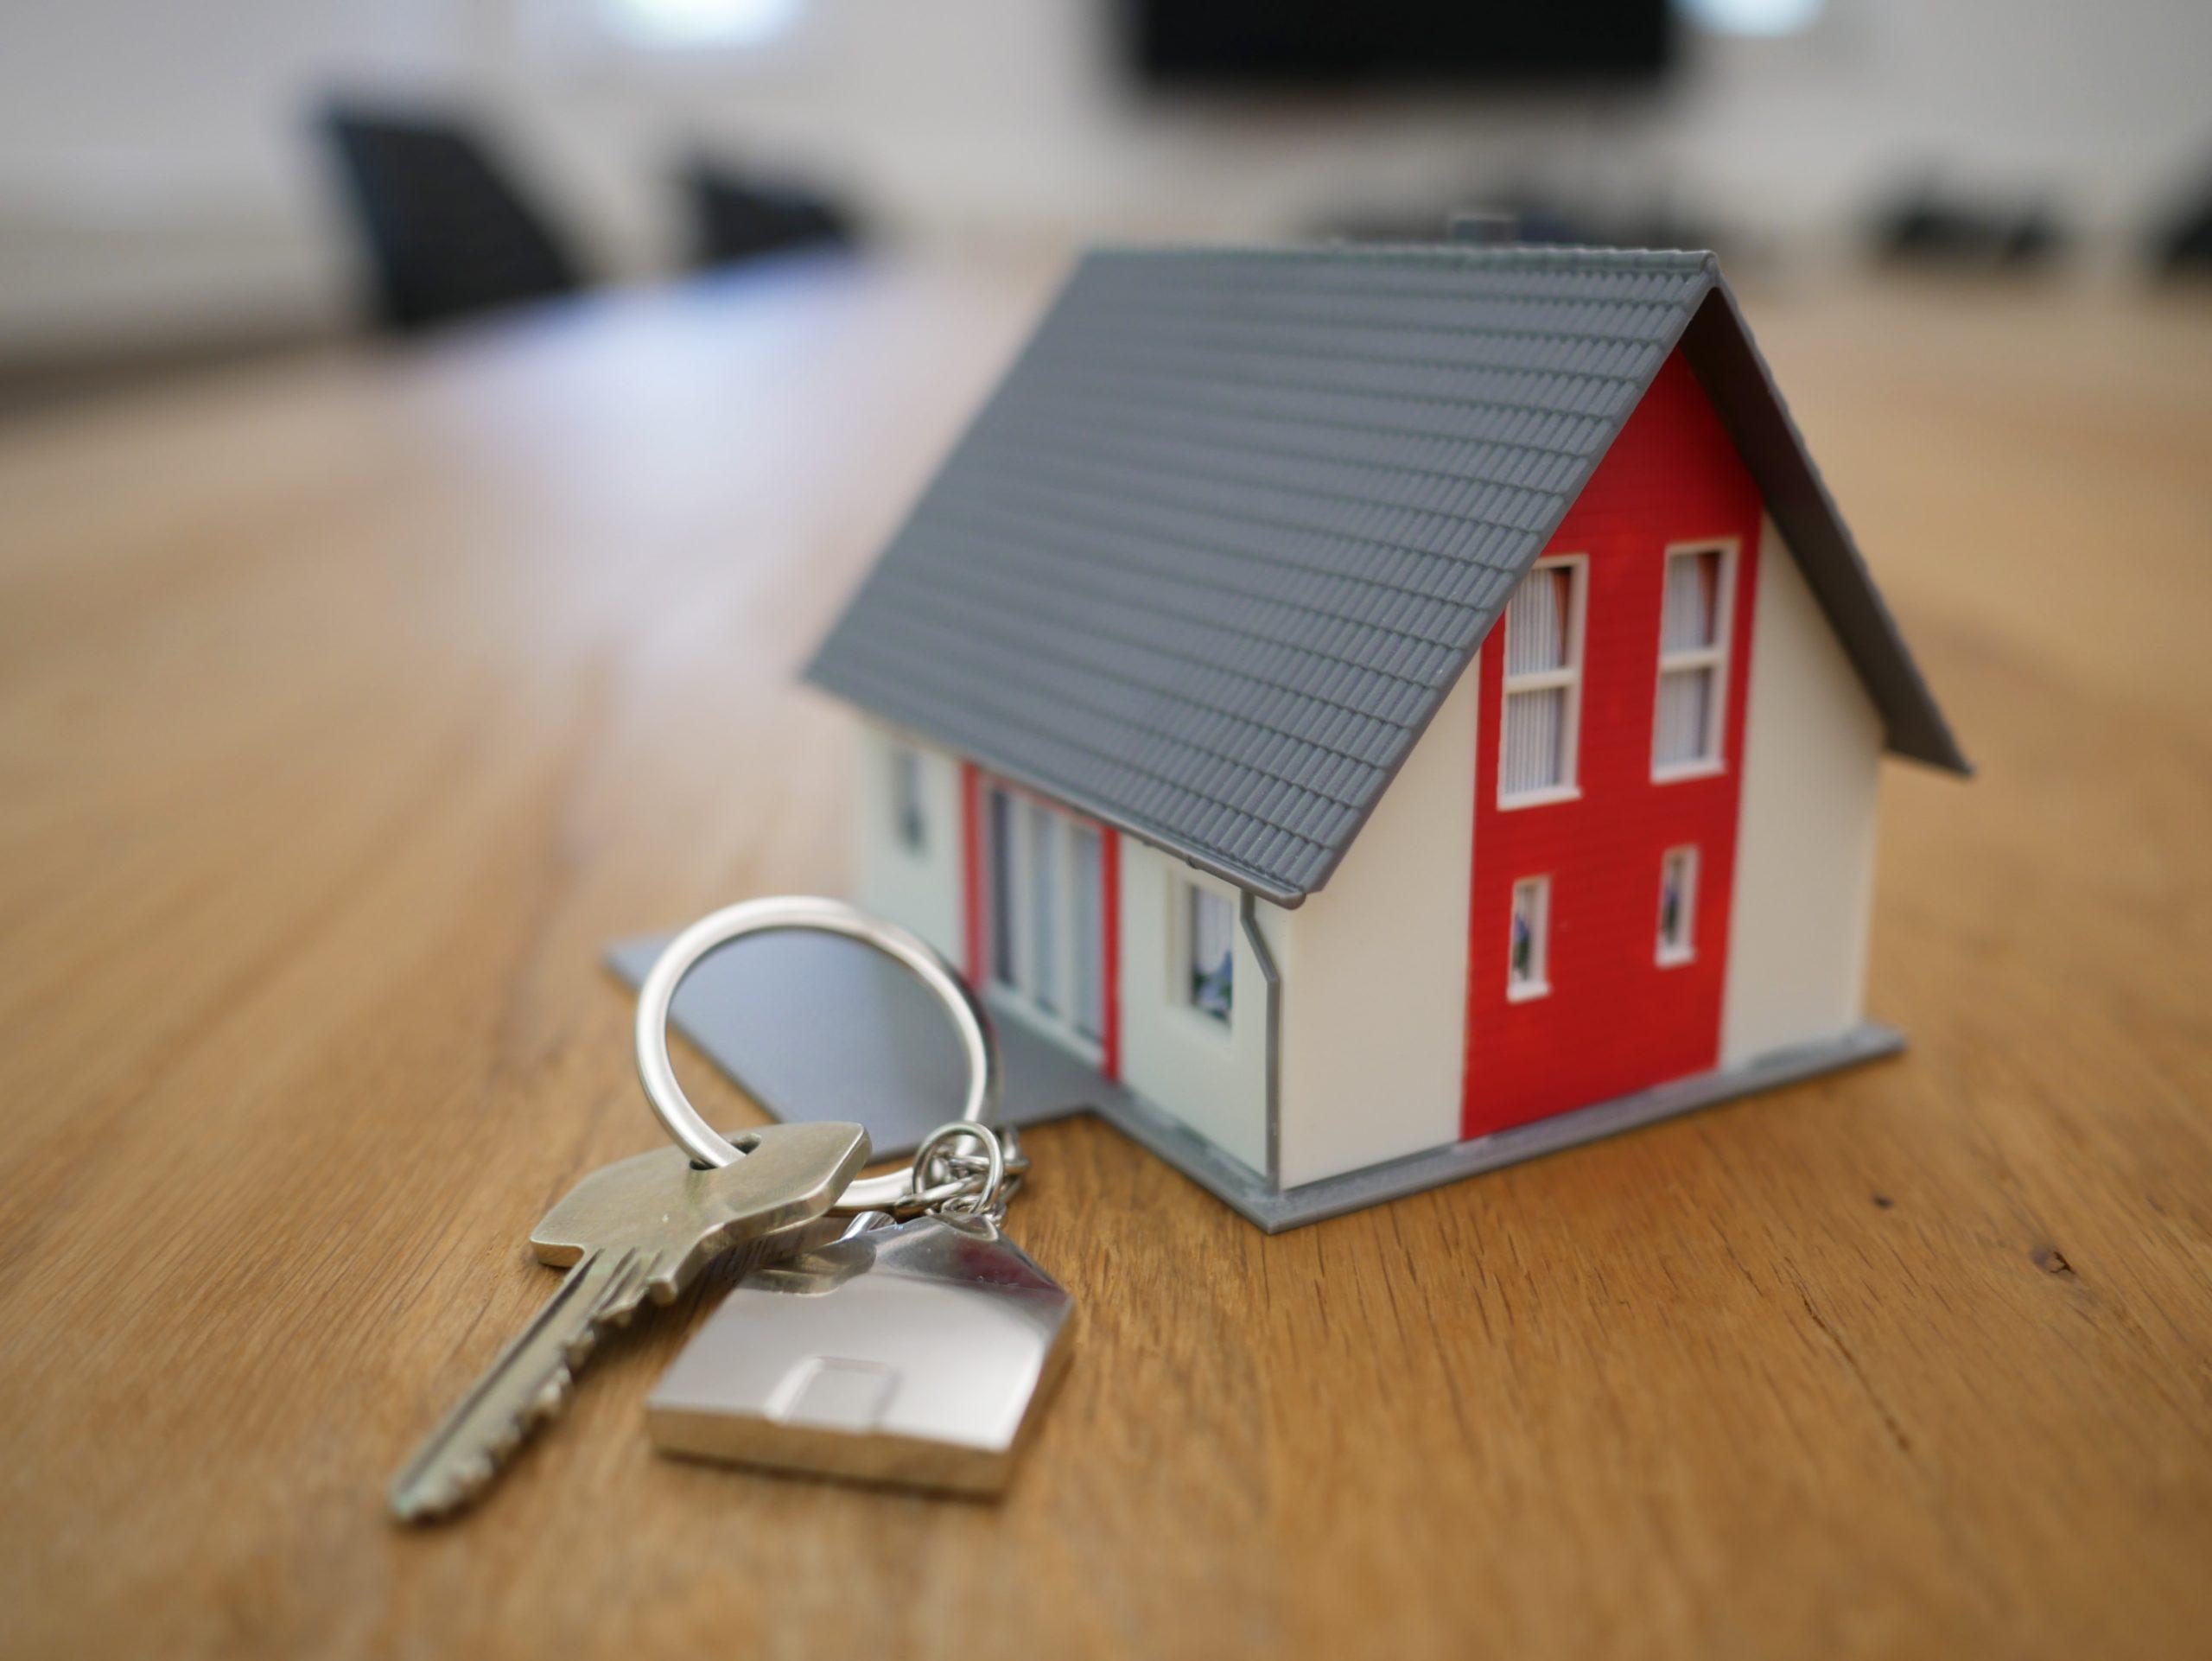 No mortgage needed